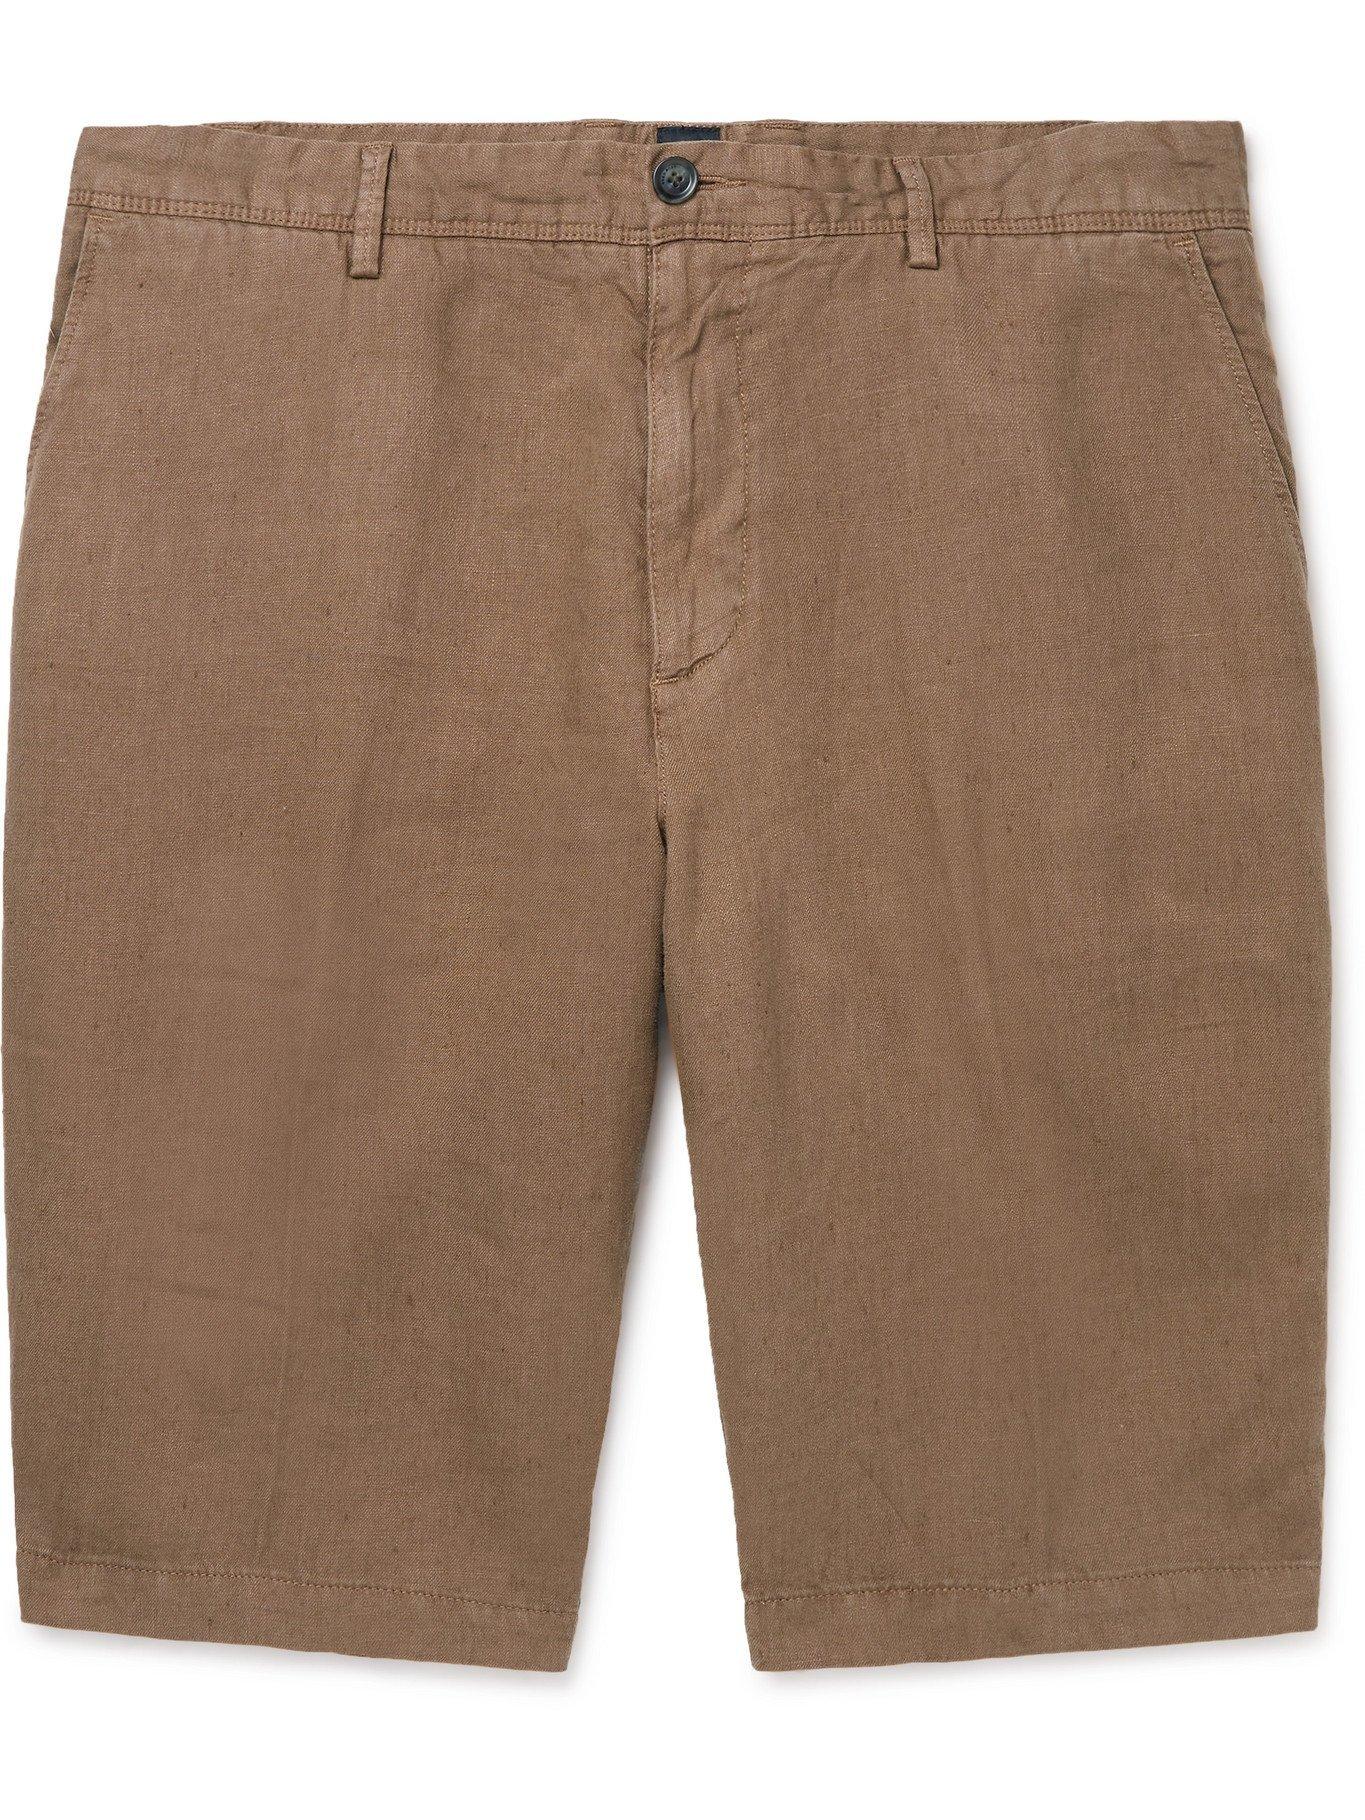 HUGO BOSS - Linen Shorts - Brown